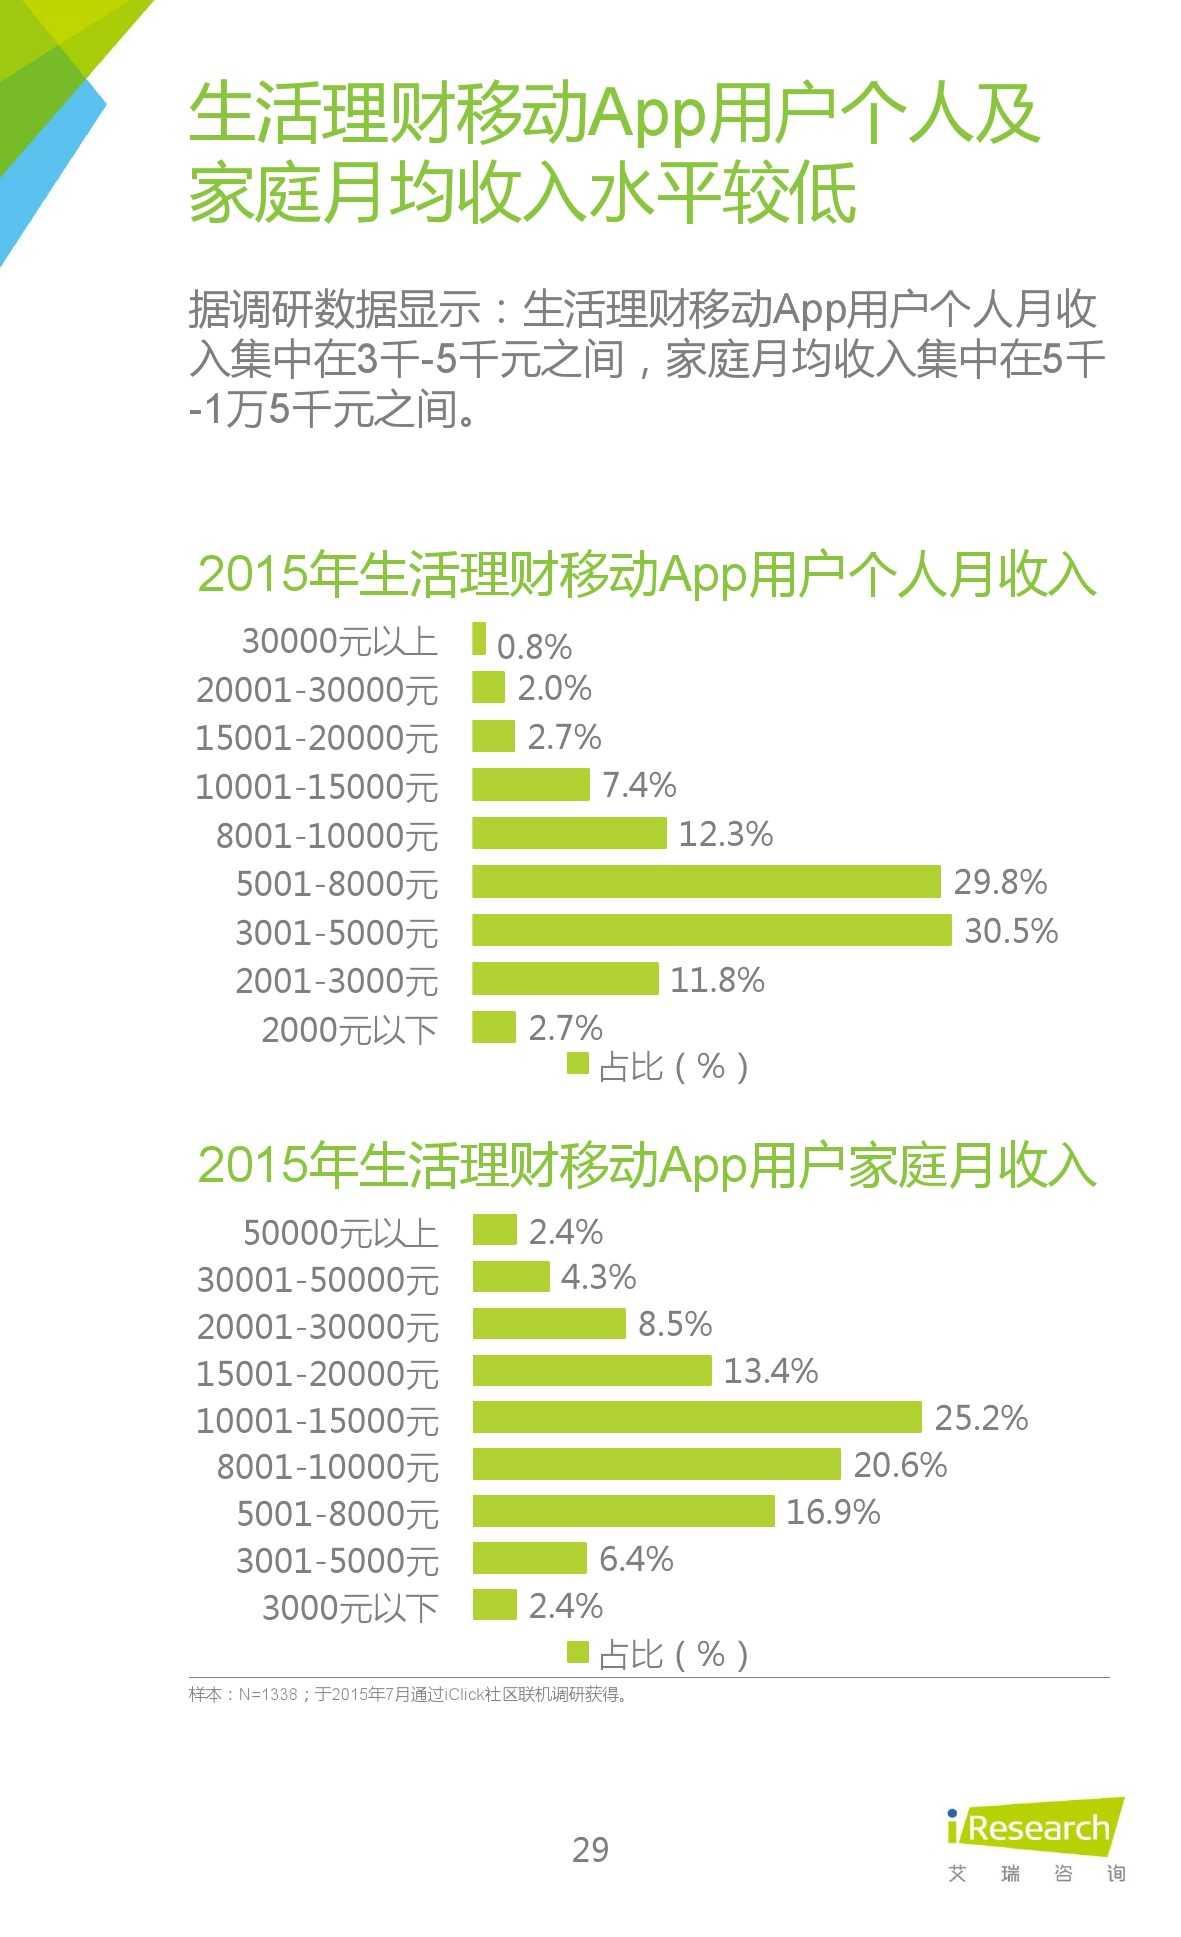 2015年中国生活理财移动App行业研究报告_000029